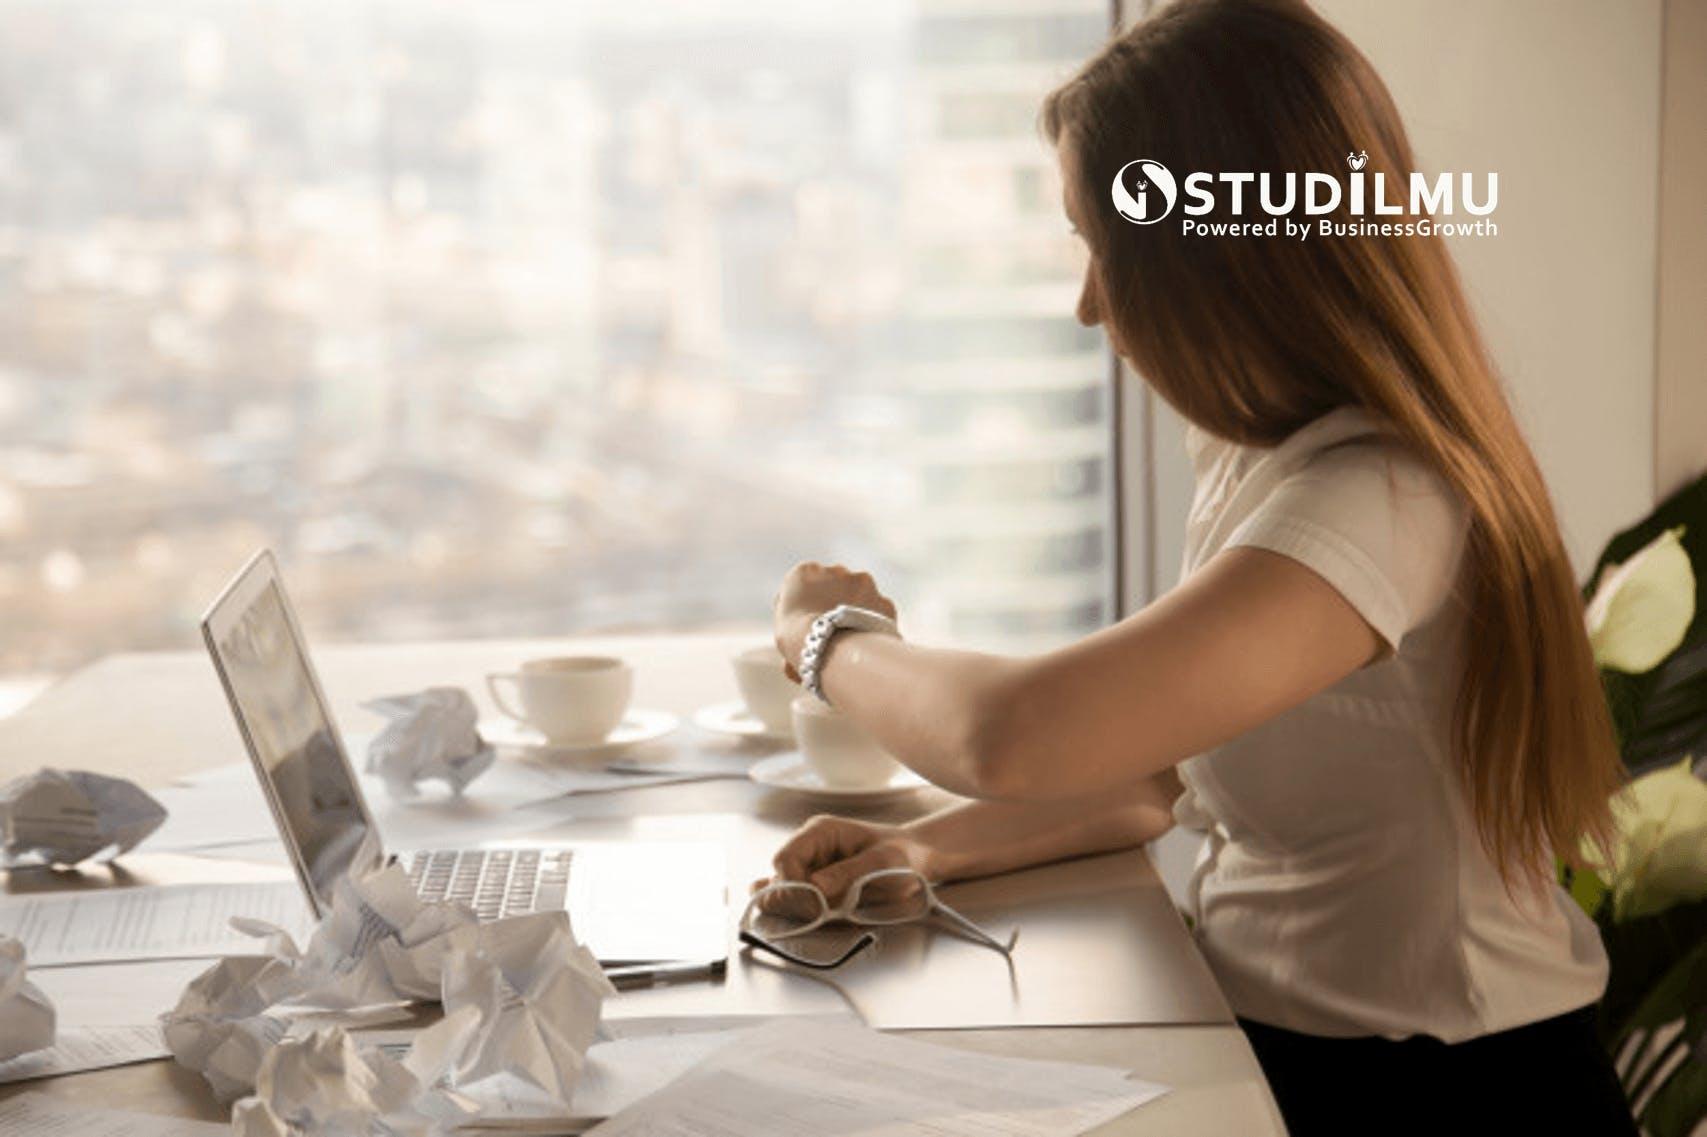 STUDILMU Career Advice - Hubungan Pengaturan Waktu dan Produktivitas Kerja